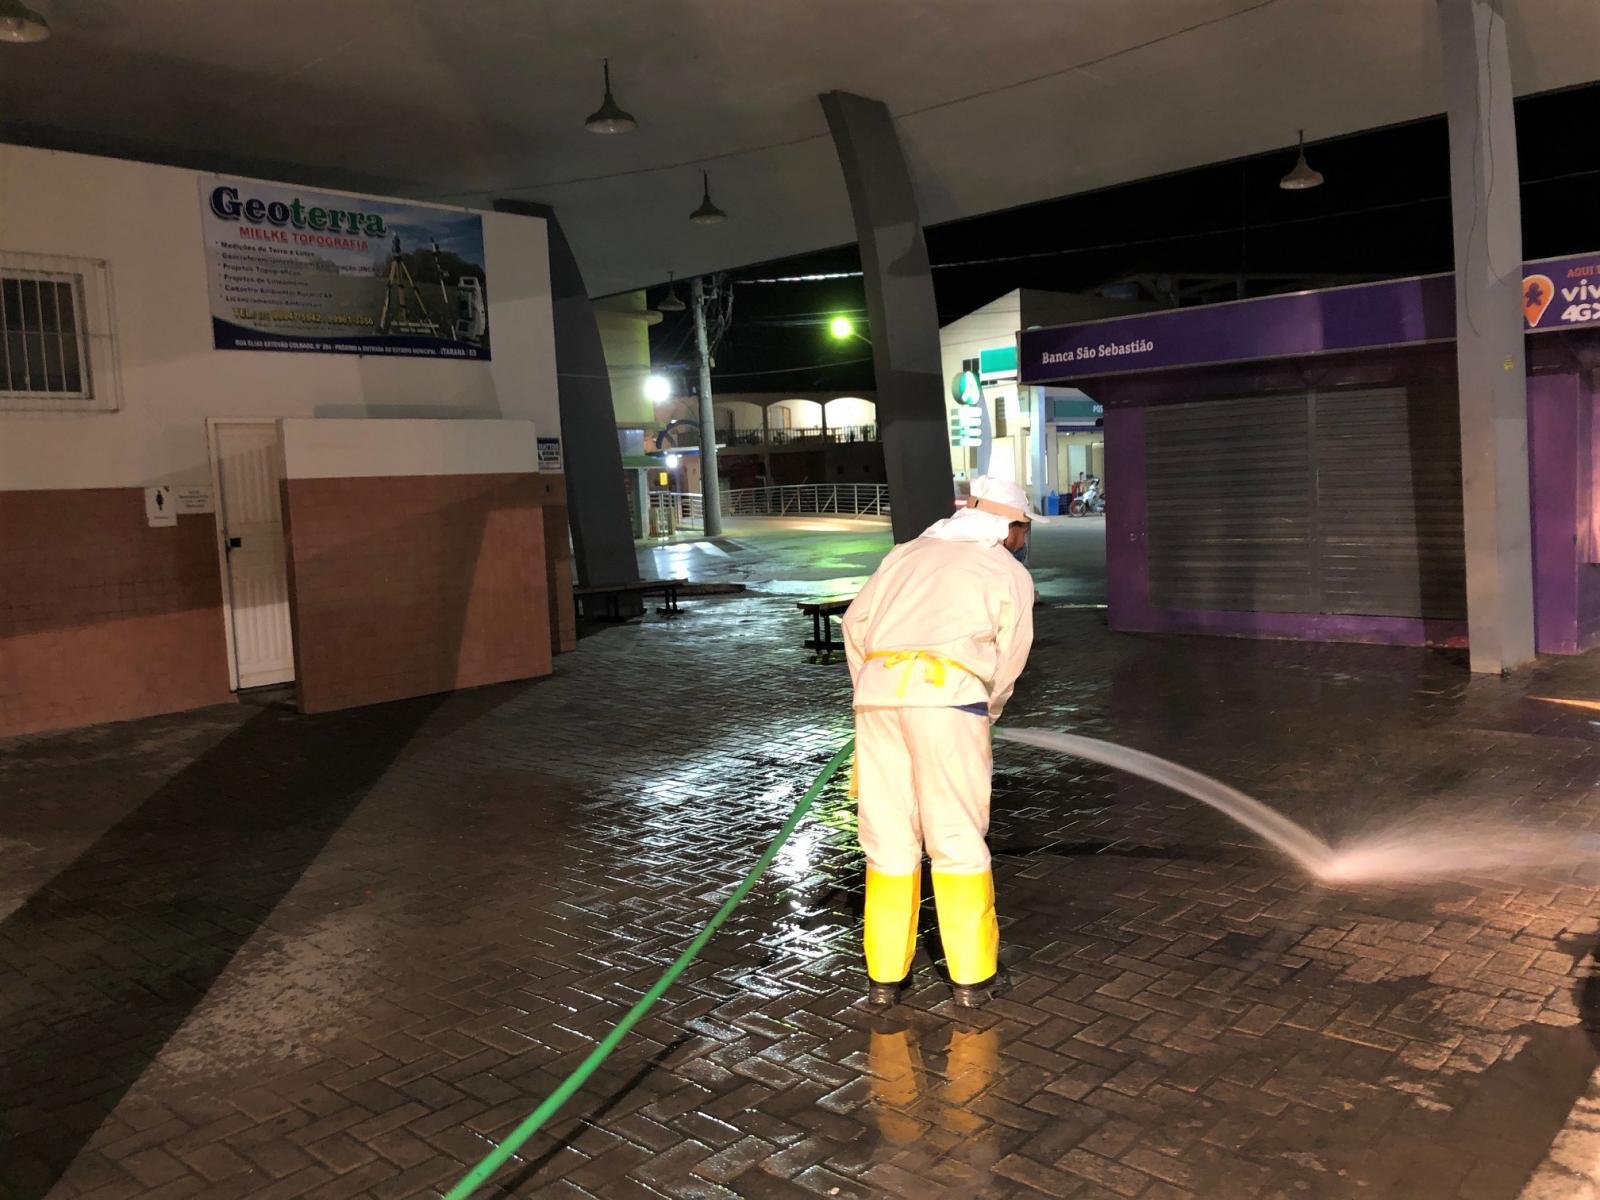 Coronavírus (COVID-19): Prefeitura realiza a limpeza das ruas no combate ao vírus